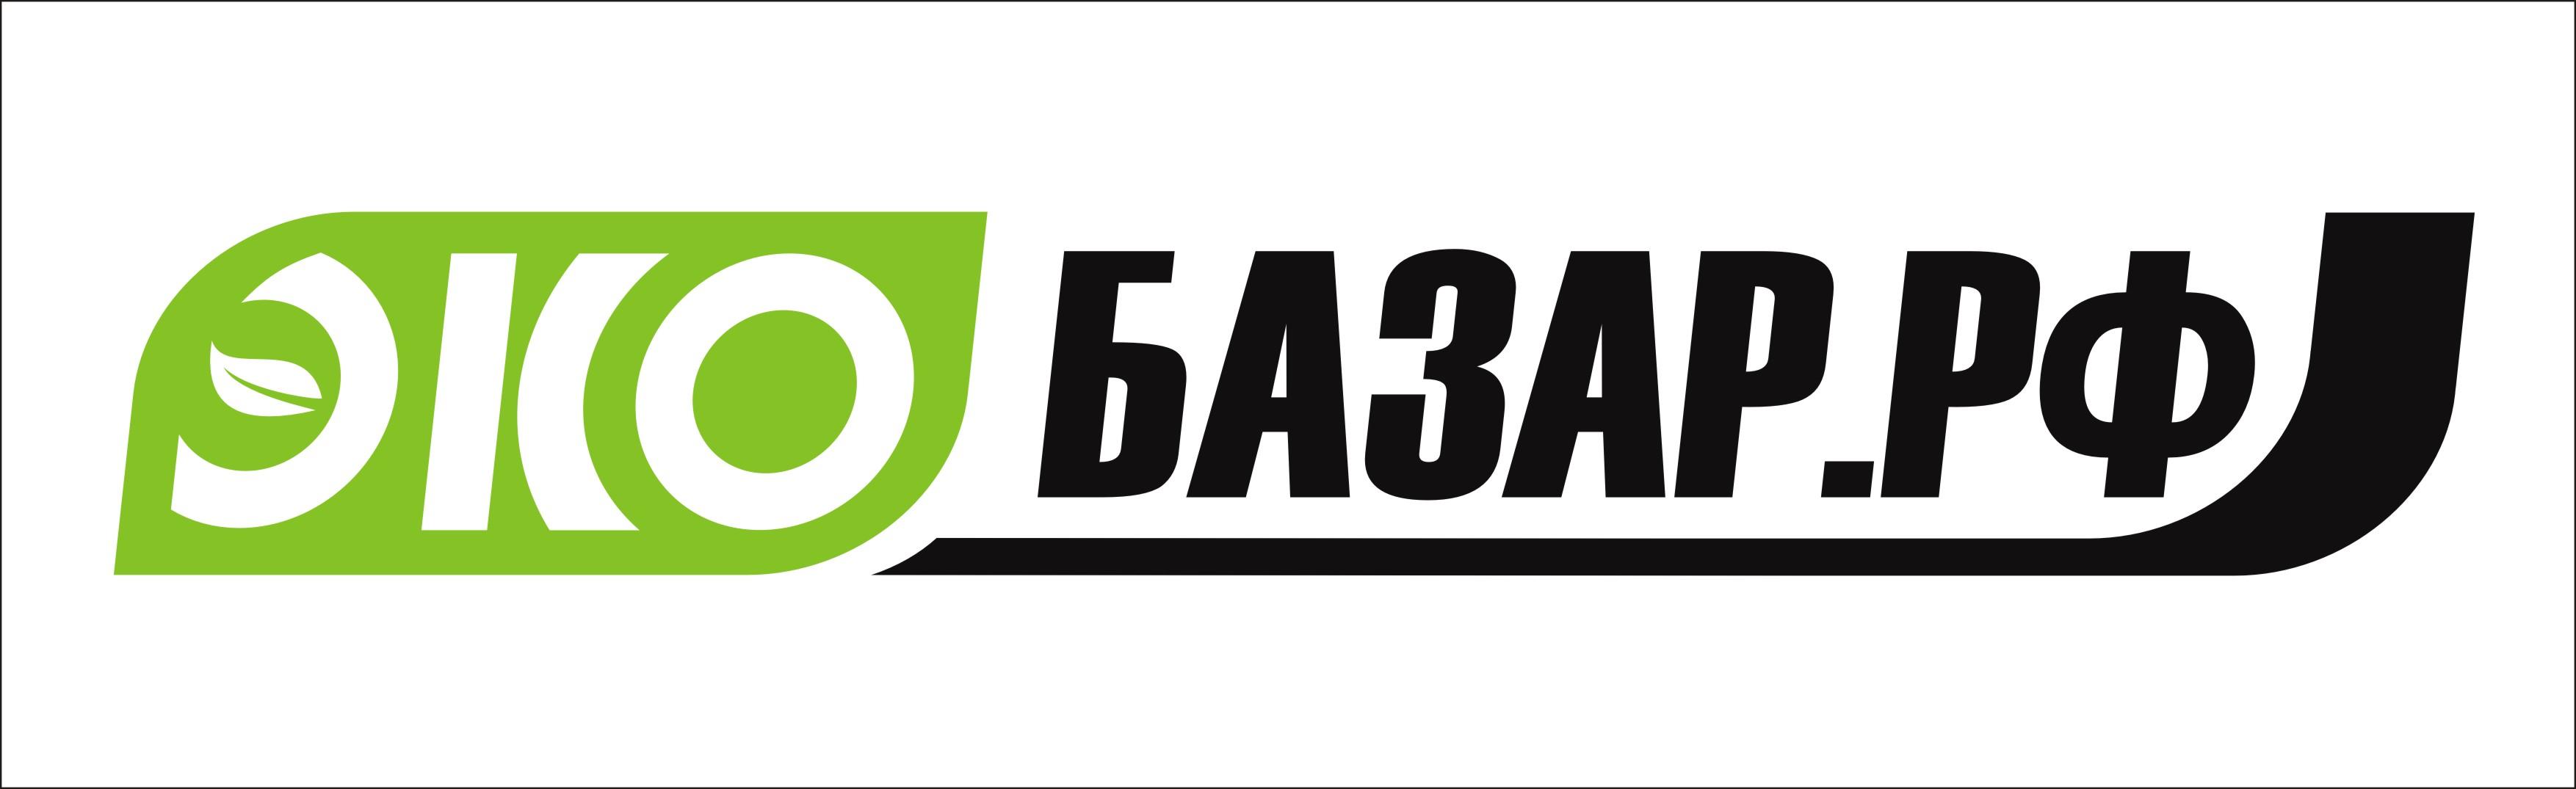 Логотип компании натуральных (фермерских) продуктов фото f_9305940364a606e4.jpg